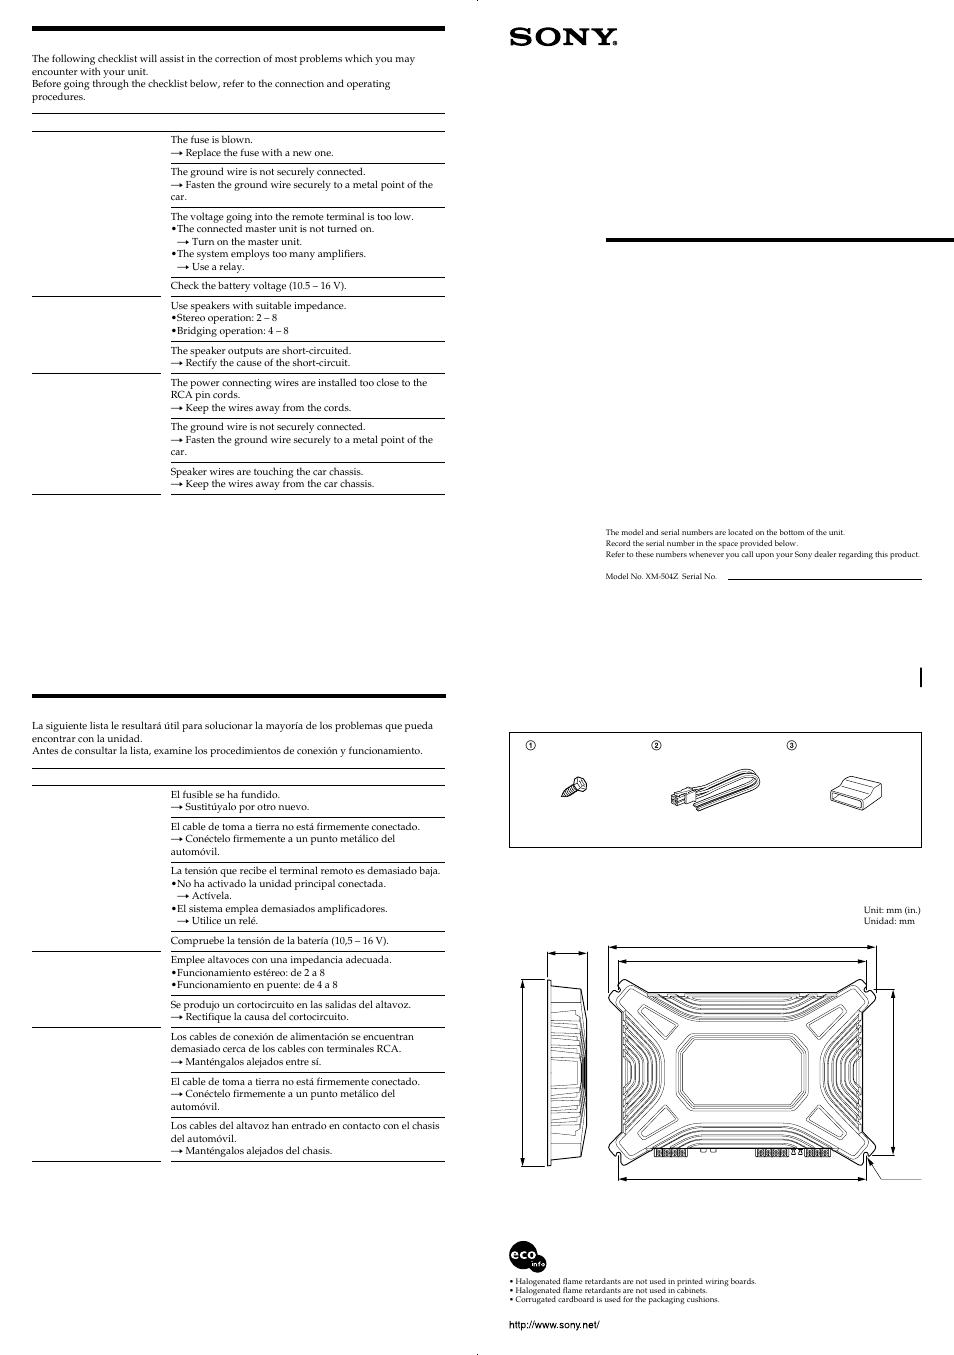 Stereo power amplifier, Xm-504z, Troubleshooting guide | Guía de solución  de problemas